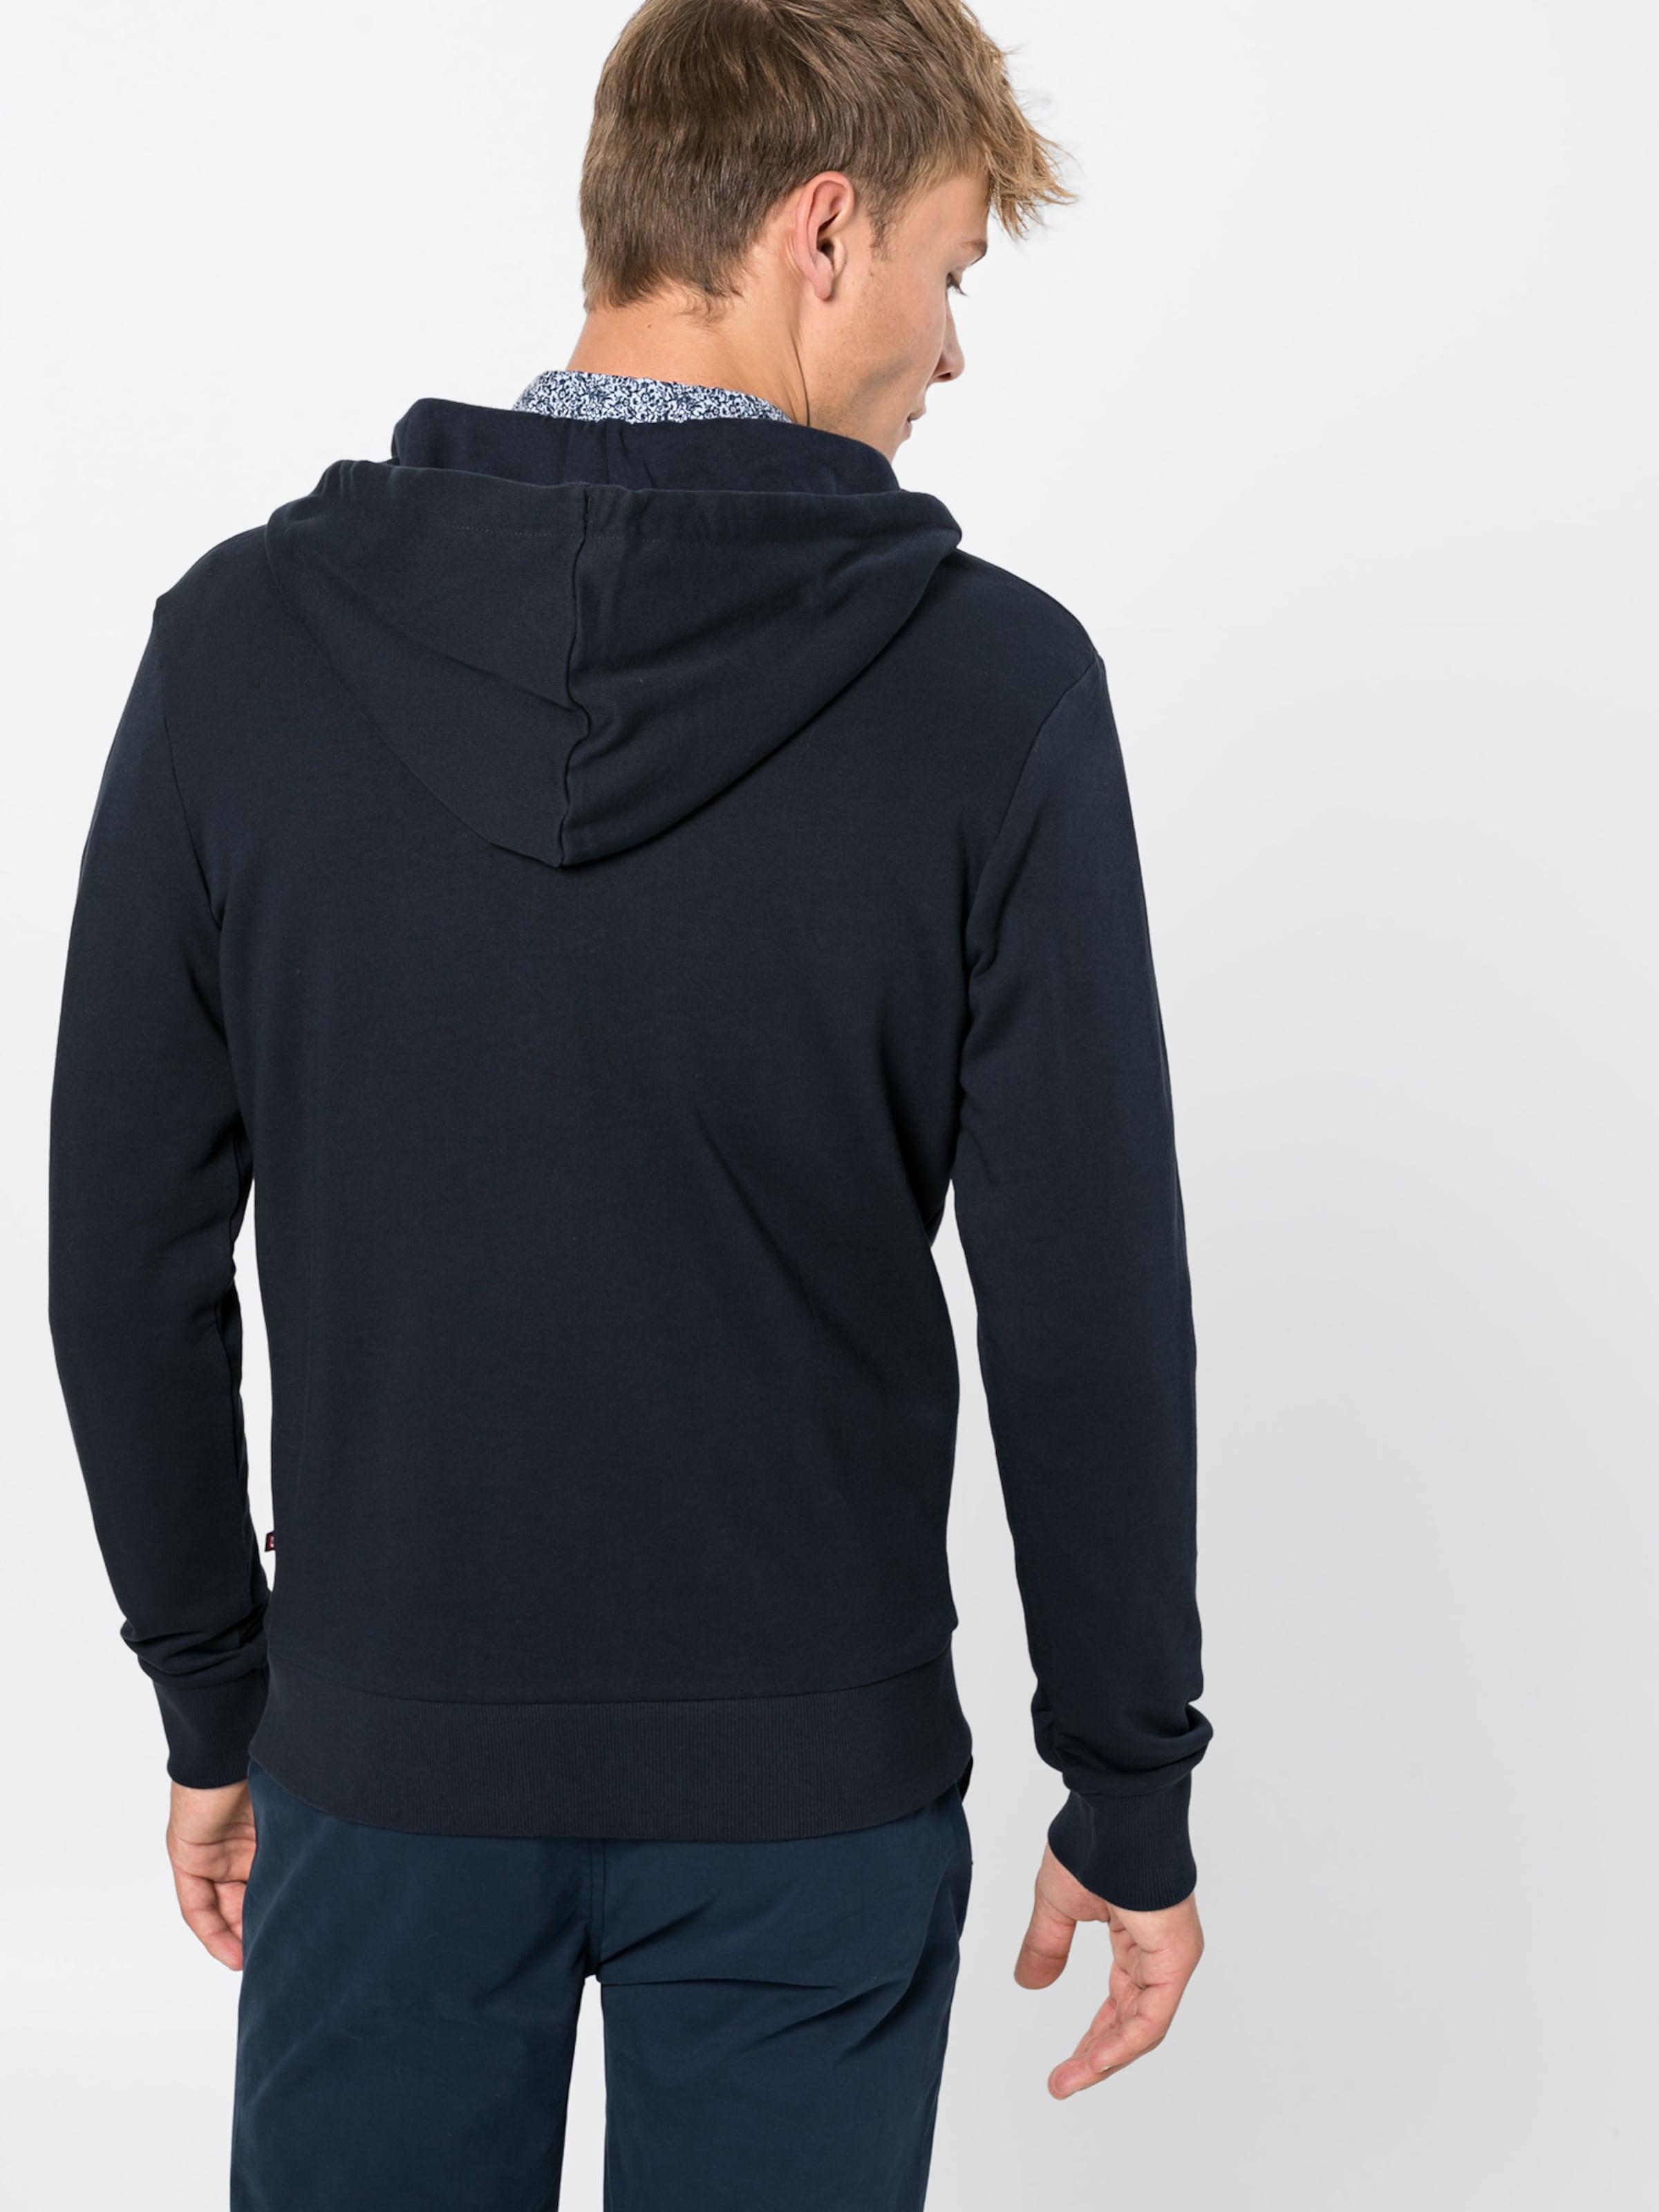 Marine Jackamp; En Jones 'jjeholmen Sweat Zip De Hood Survêtement Bleu Veste Noos' Y6ygIfbm7v